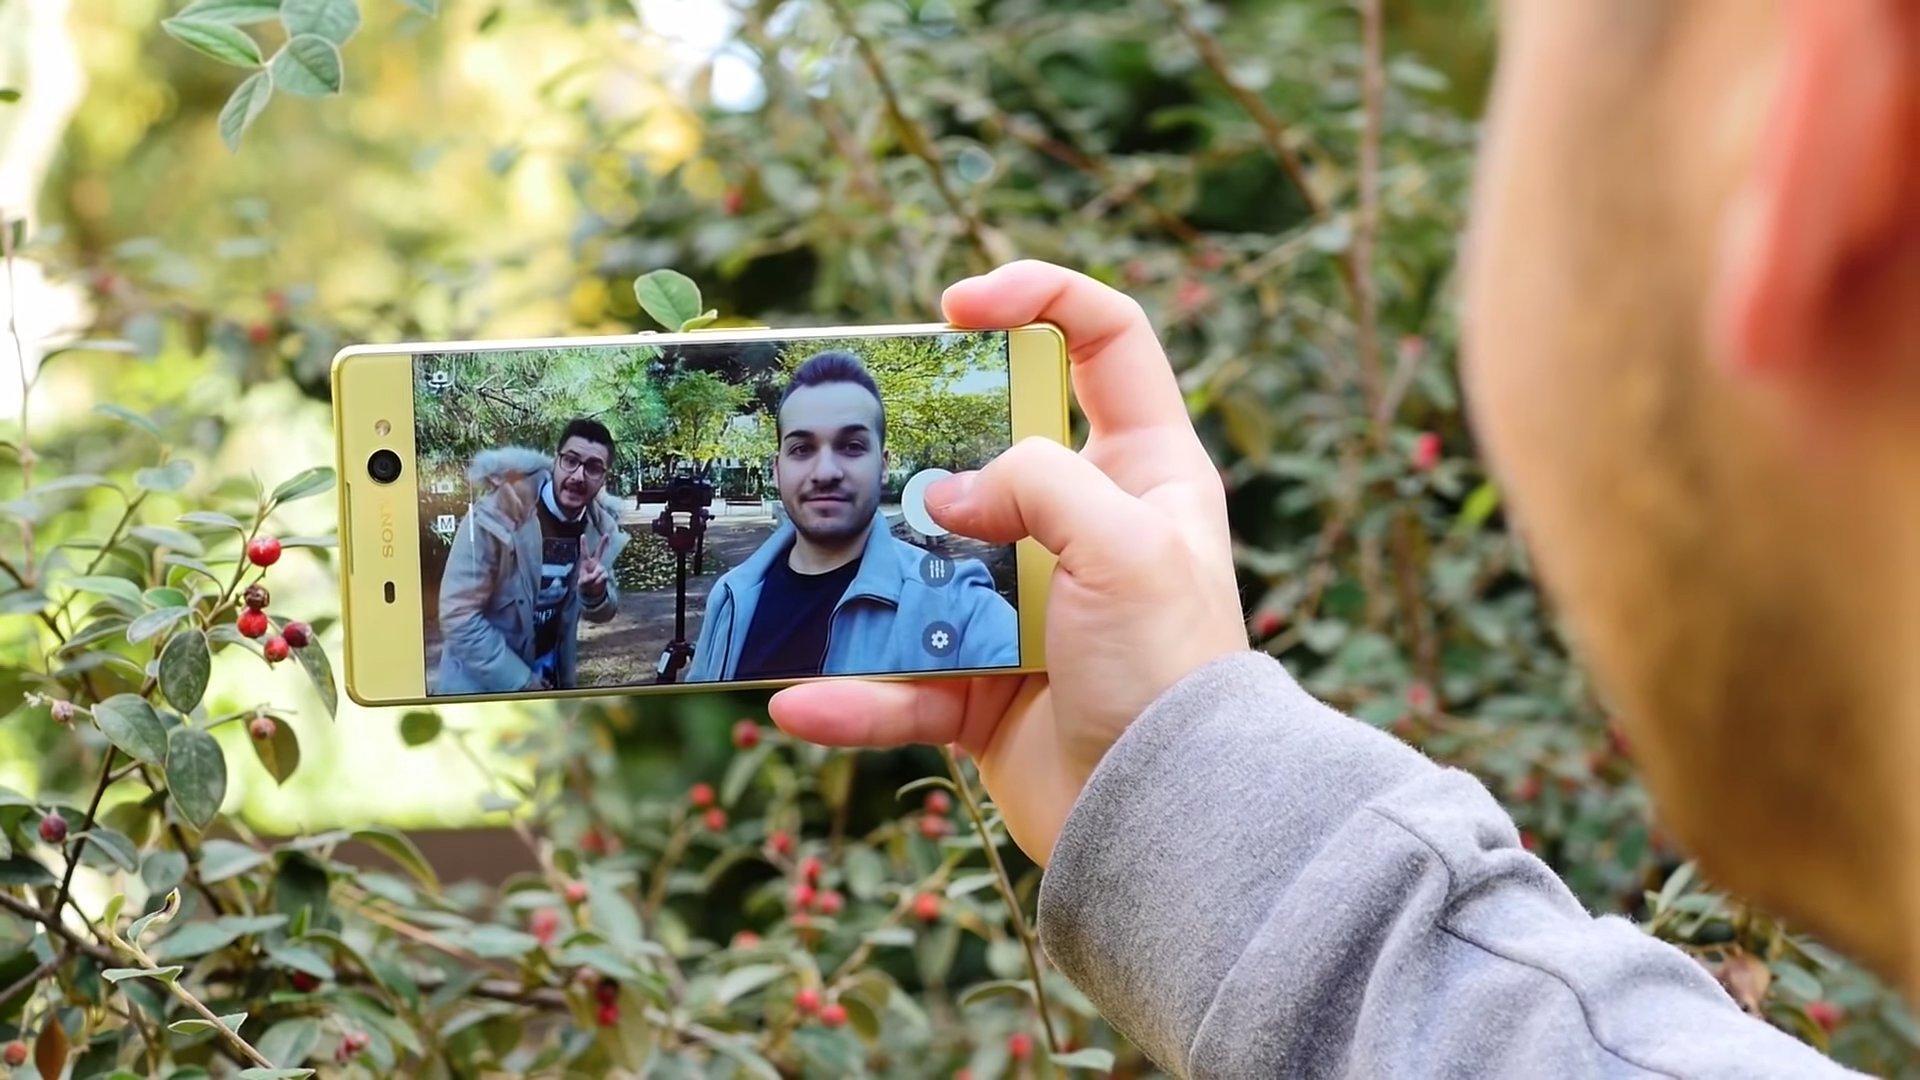 Modo selfies del Xperia XA Ultra